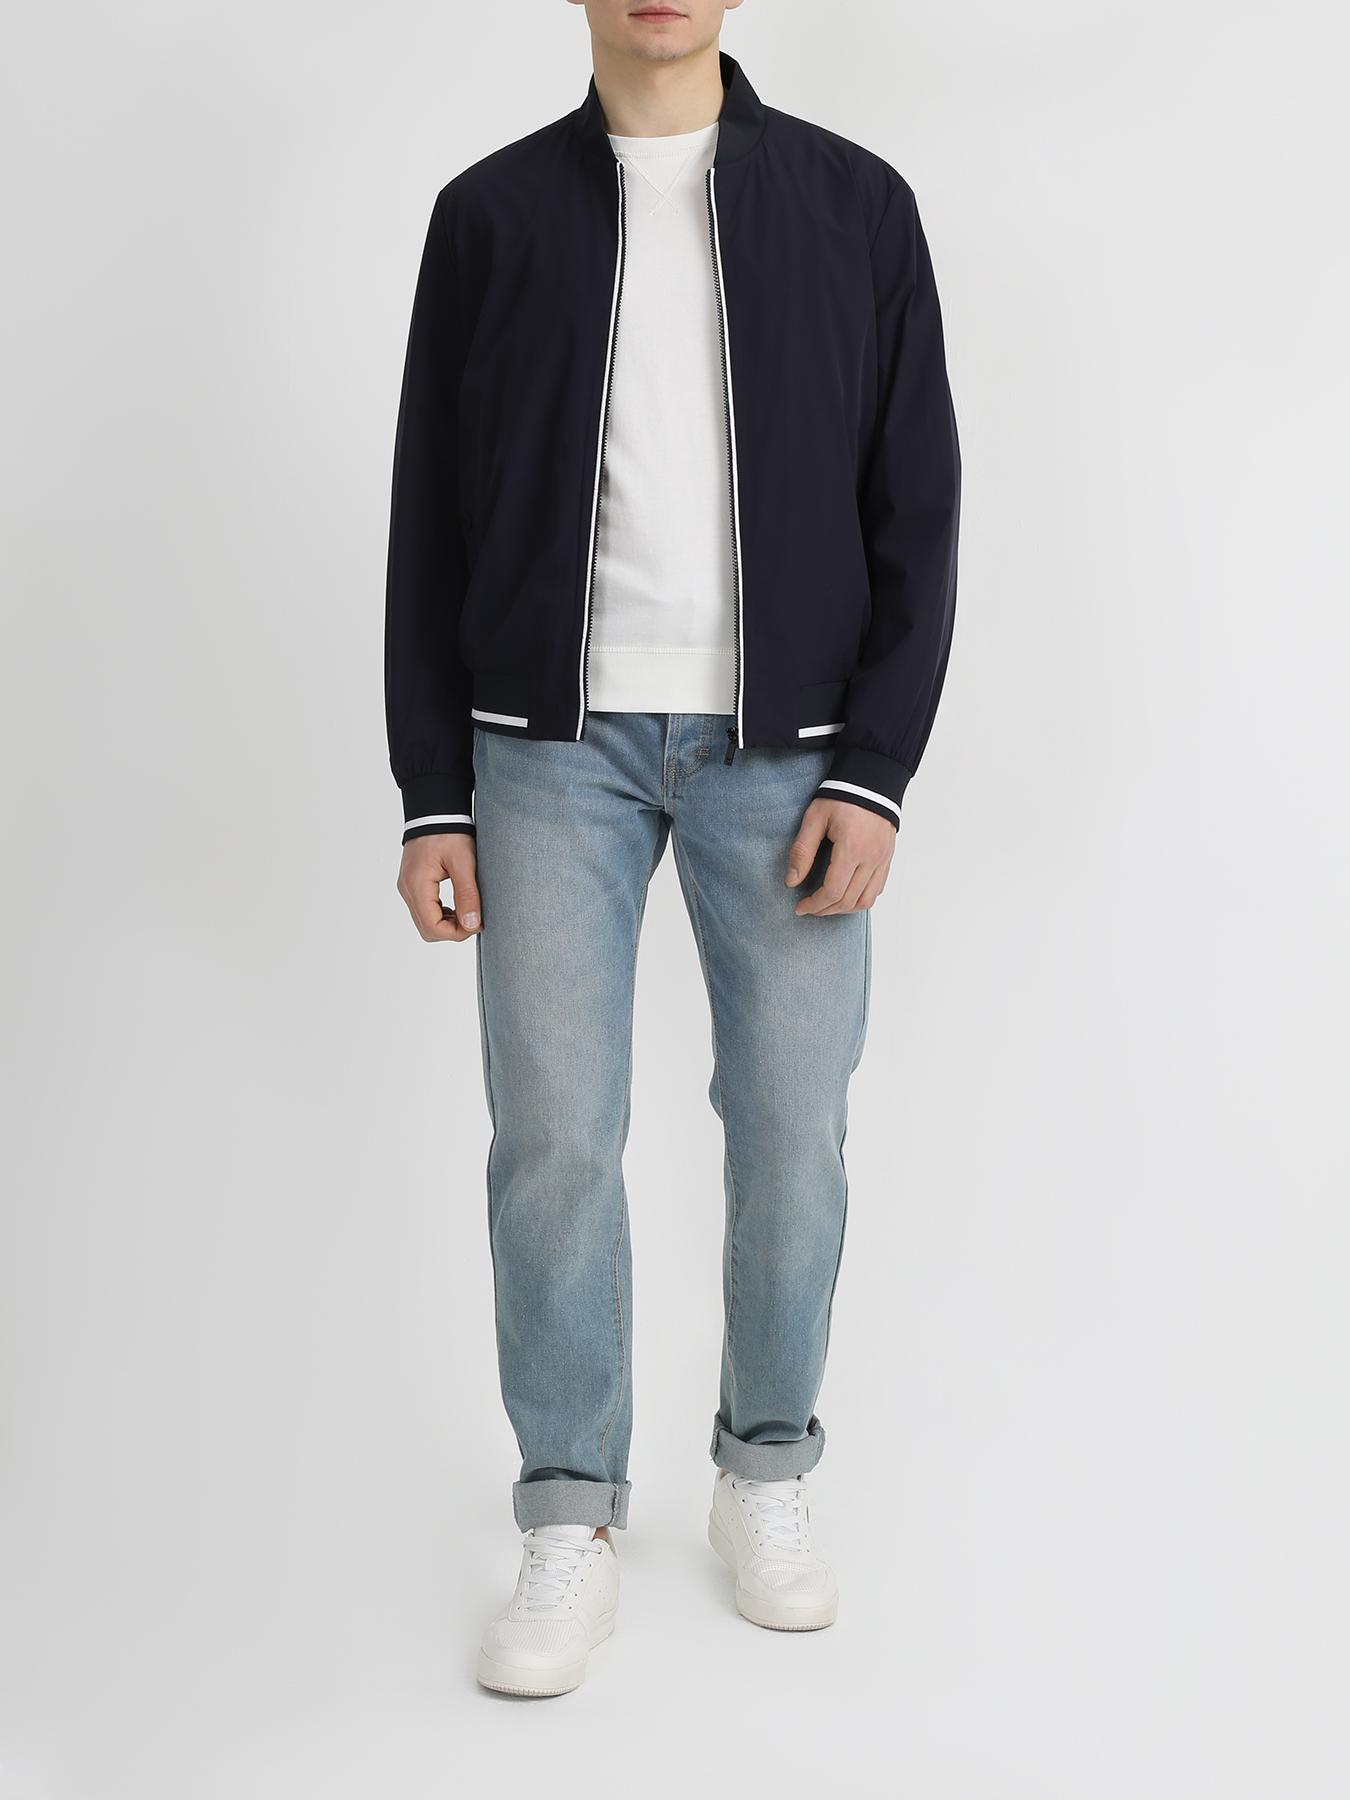 Куртка Alessandro Manzoni Jeans Мужской бомбер